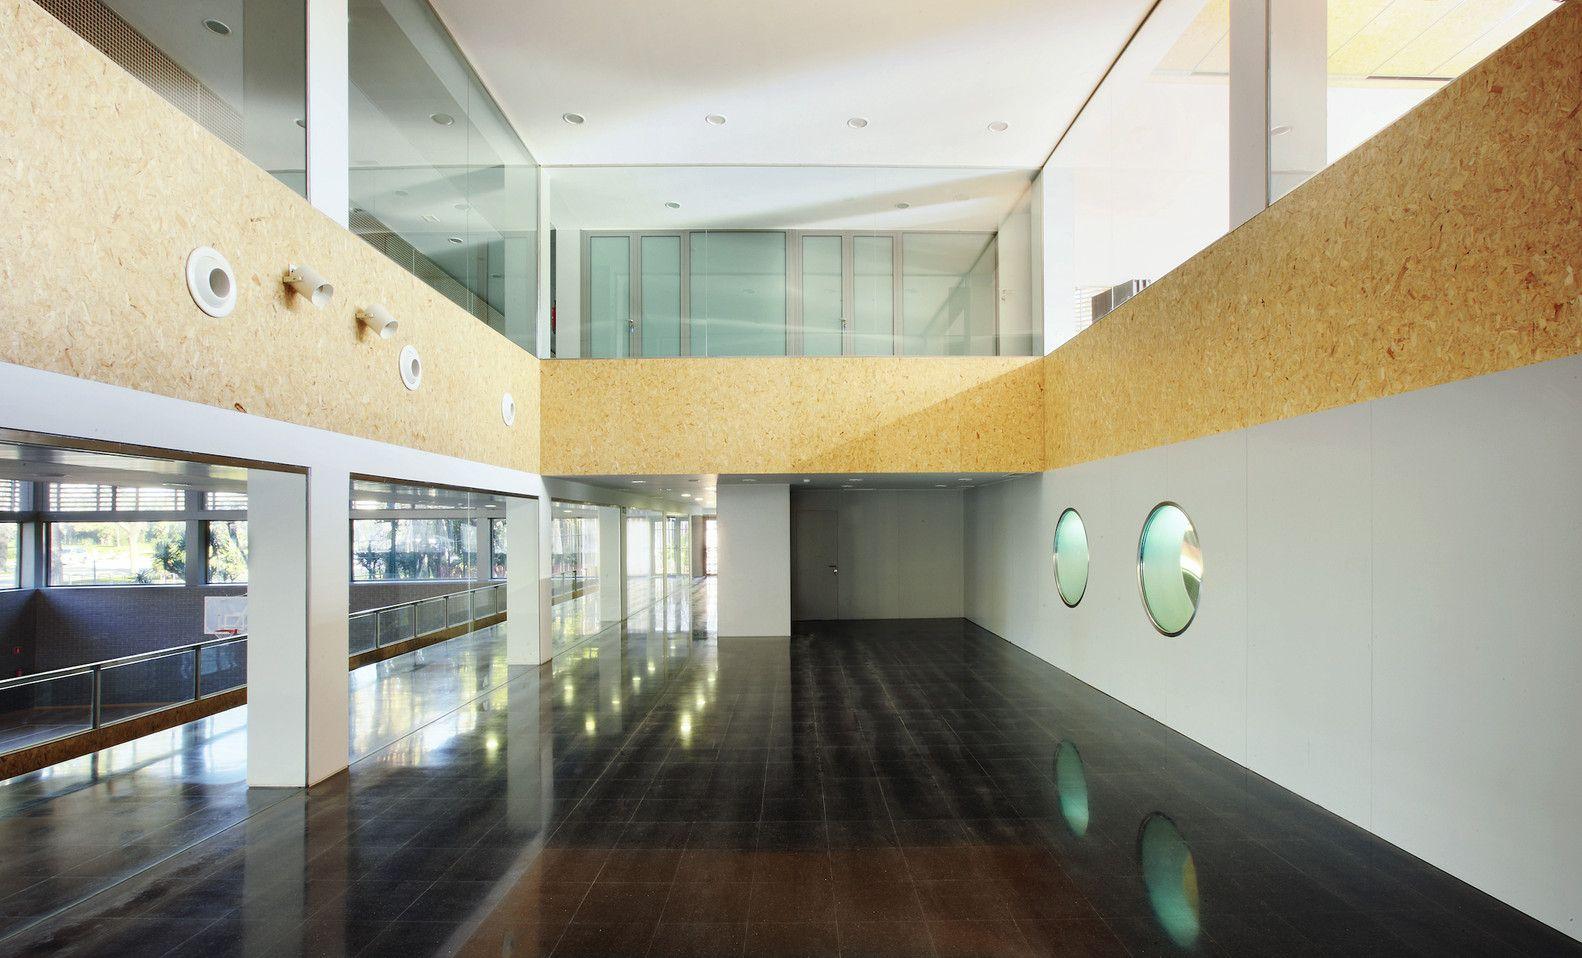 Galeria de Edifício Poliesportivo / Batlle i Roig Arquitectes - 26